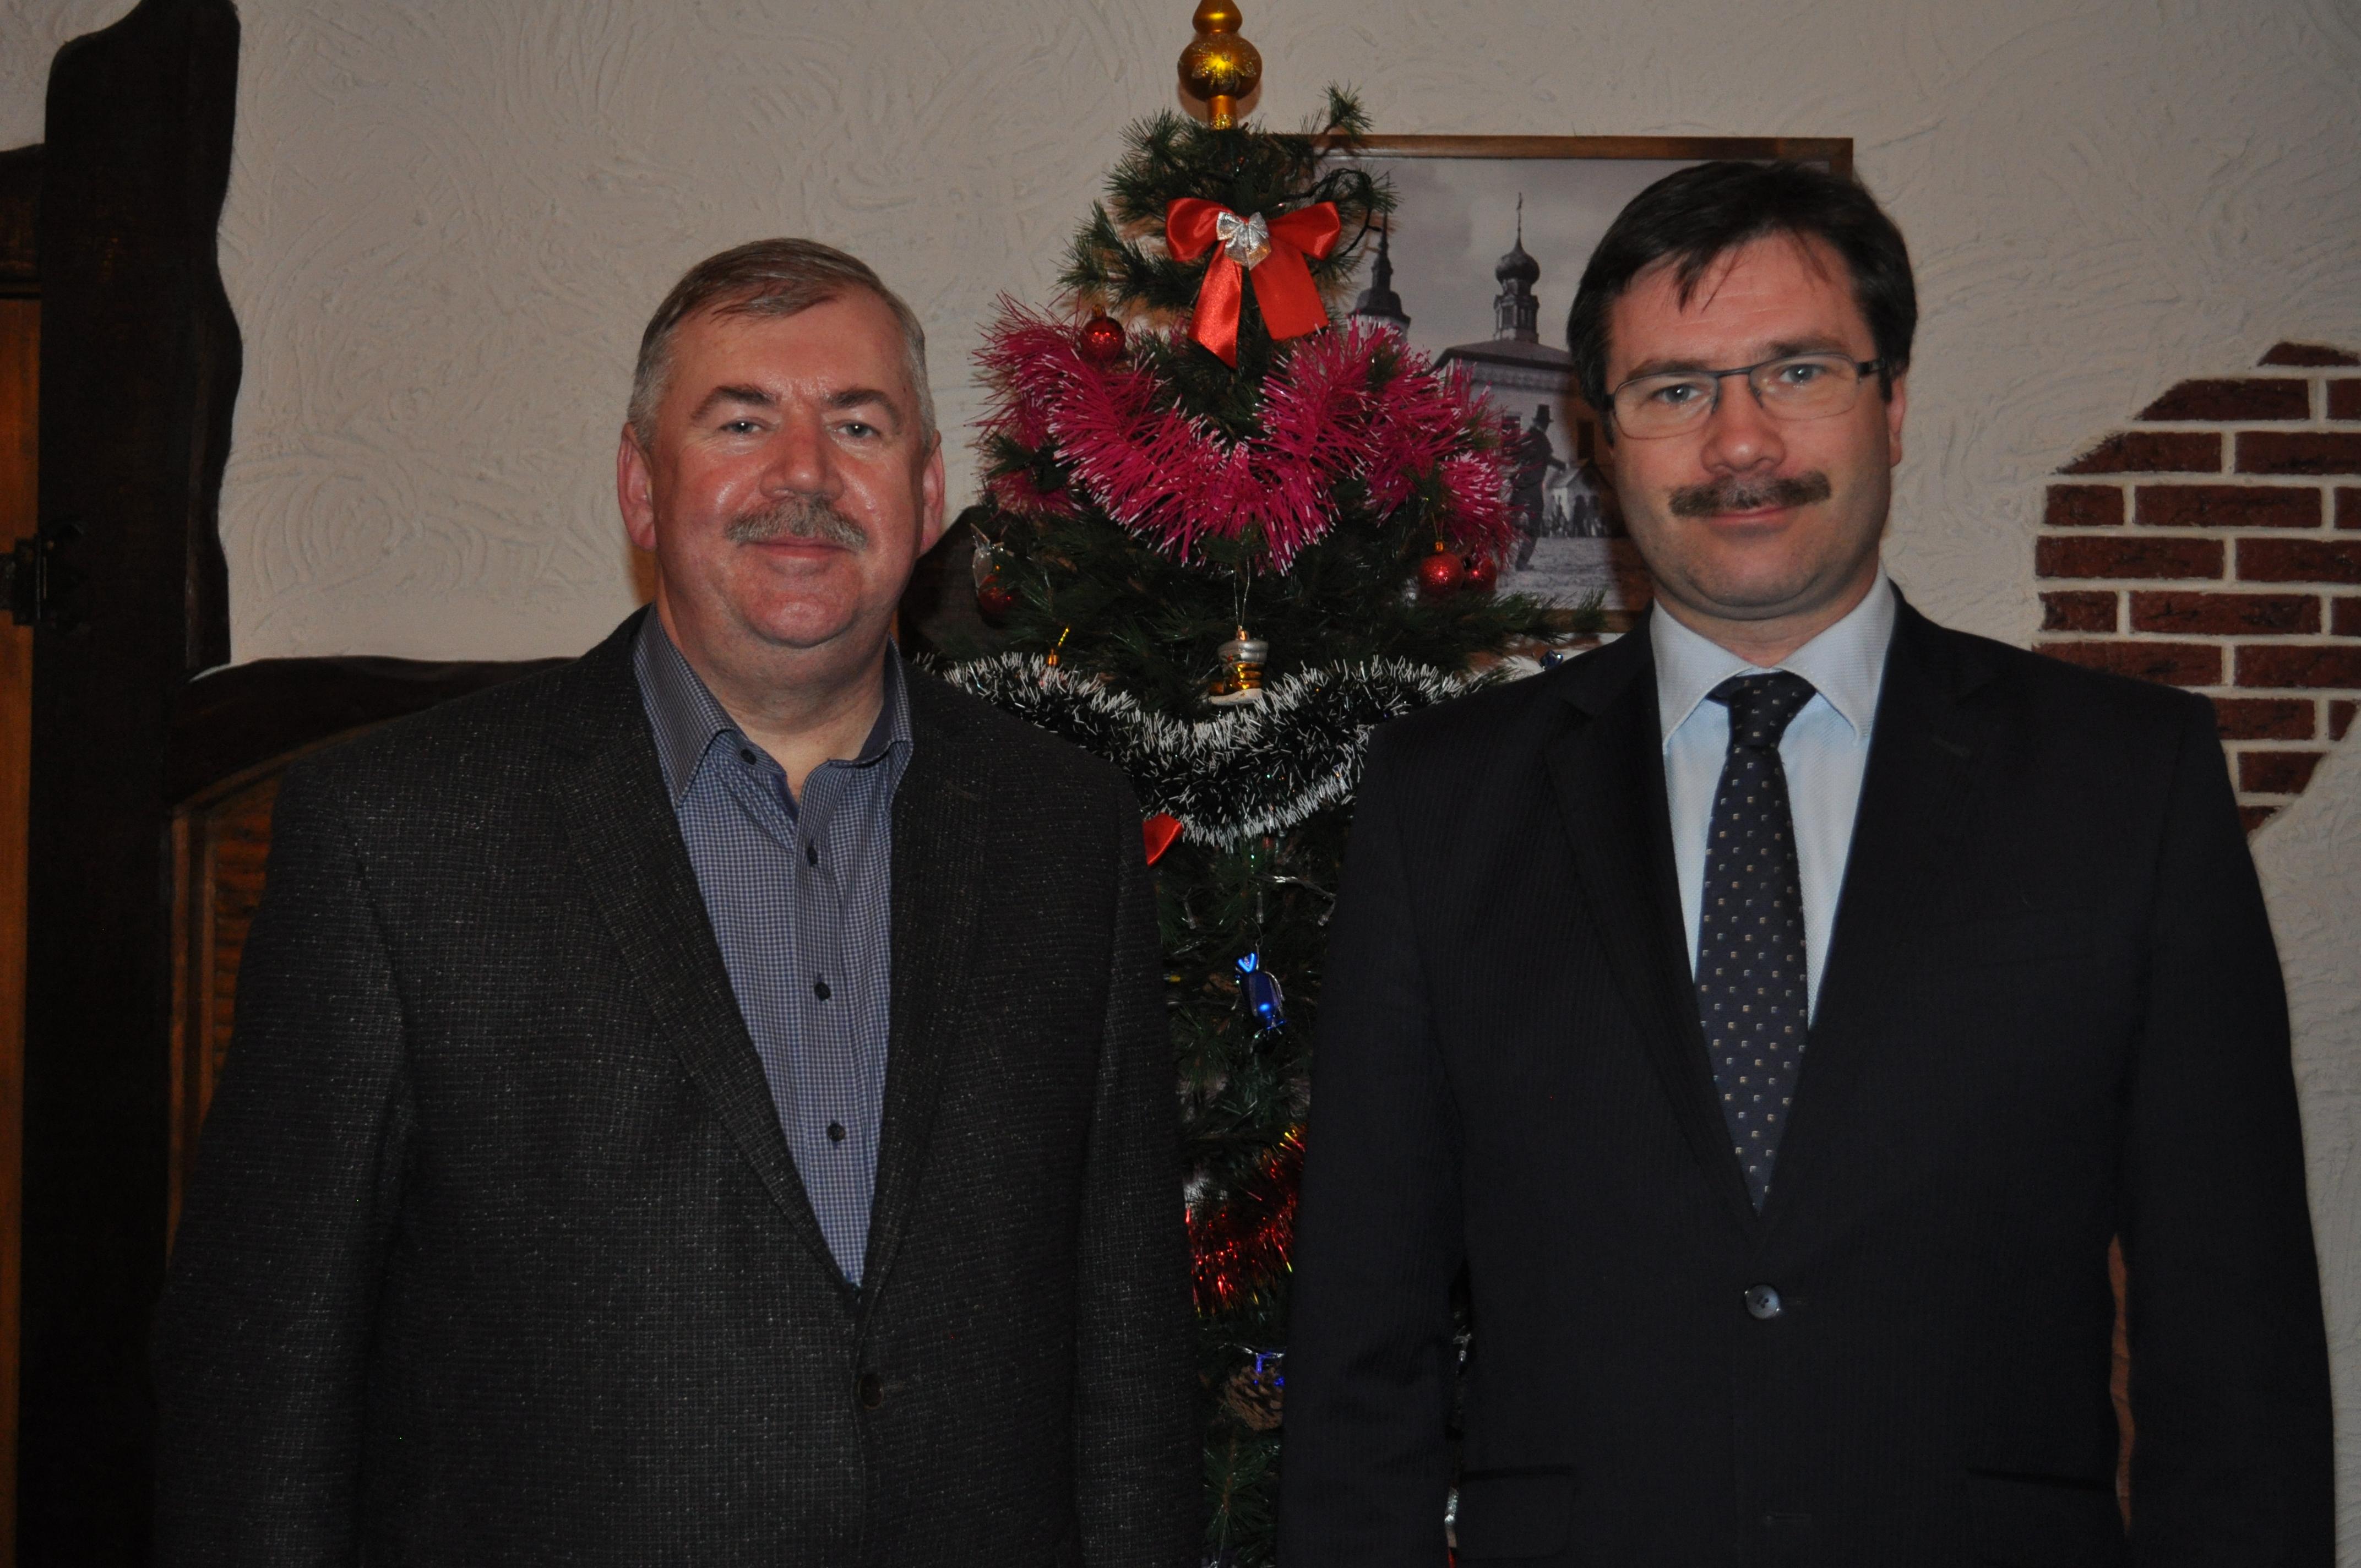 Поздравления с наступающими праздниками от главы города Суздаля Кехтера И.Э. и от главы администрации Сахарова С.В.